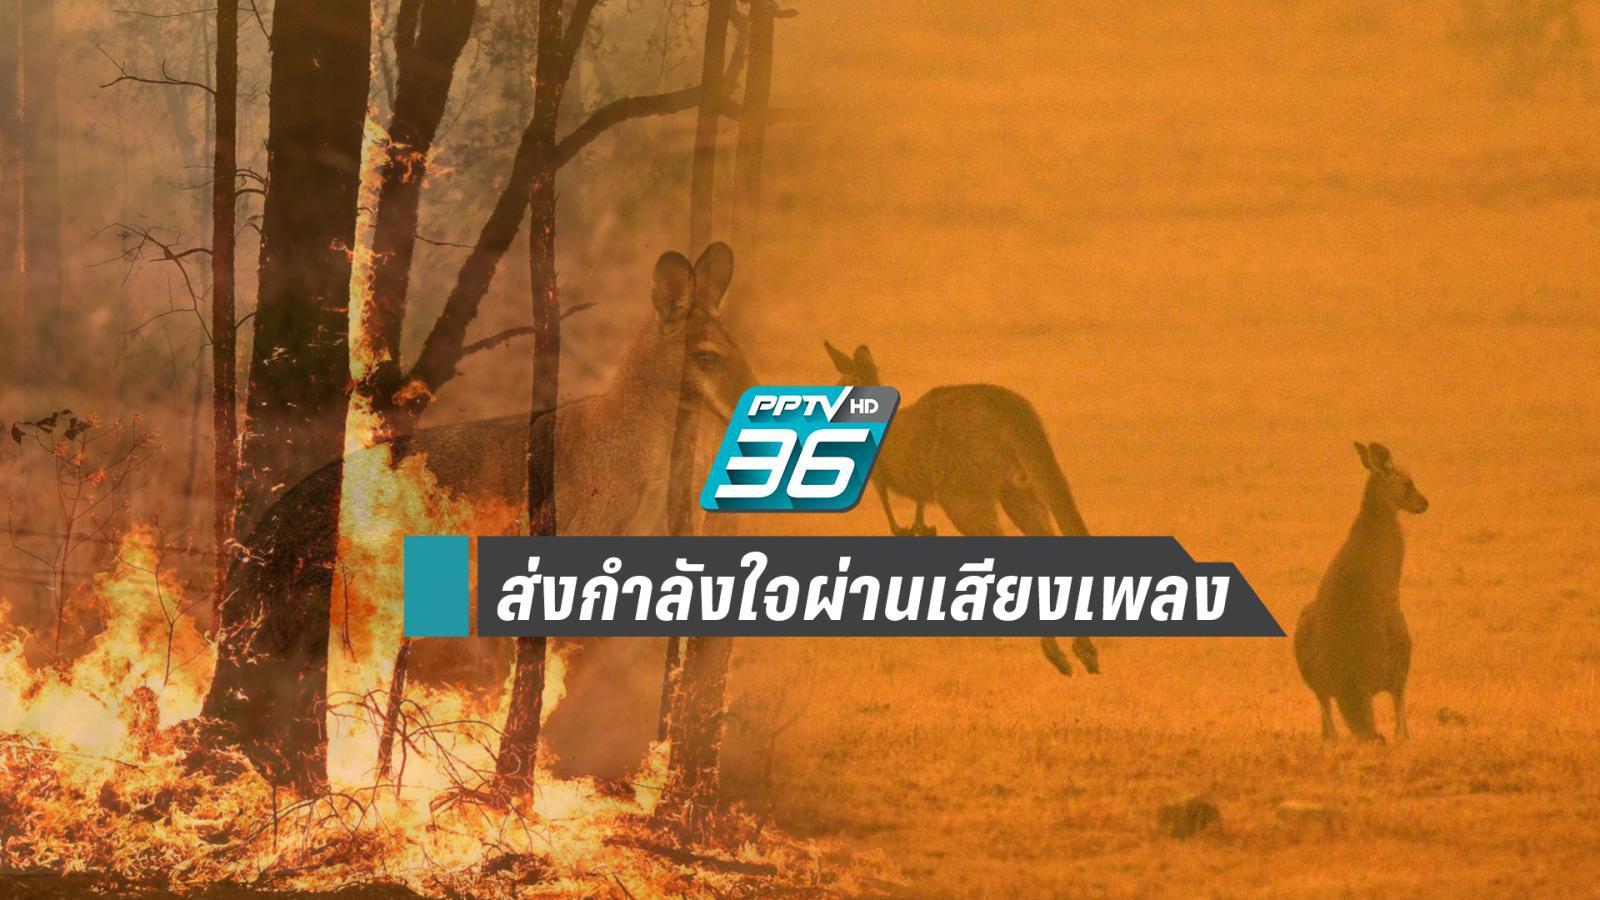 ชาวออสซี่ร่วมแต่งเพลง ส่งกำลังใจฝ่าวิกฤตไฟป่า